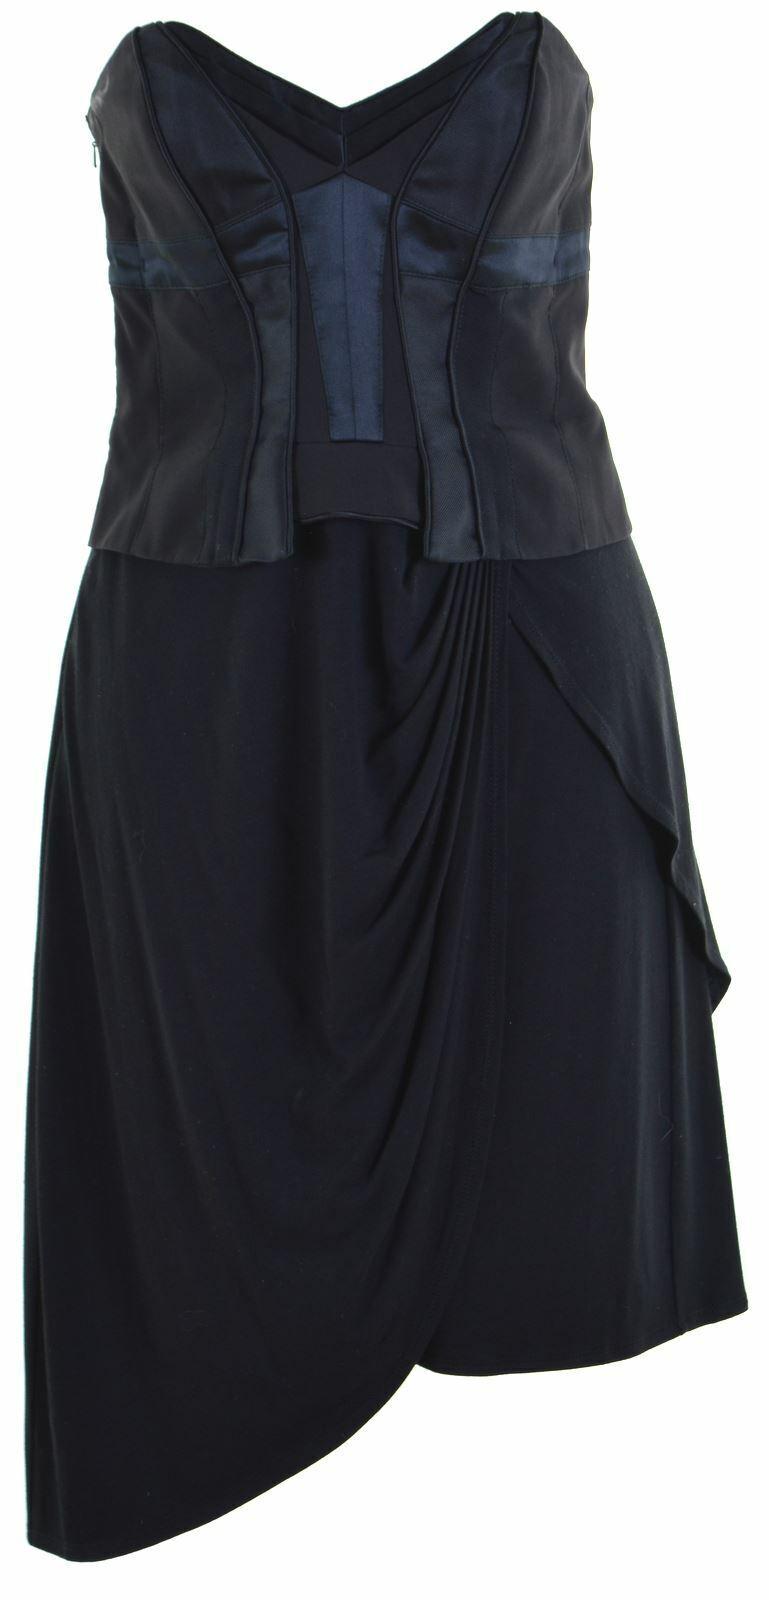 KAREN MILLEN damen Strapless Dress Small schwarz Viscose  GS06